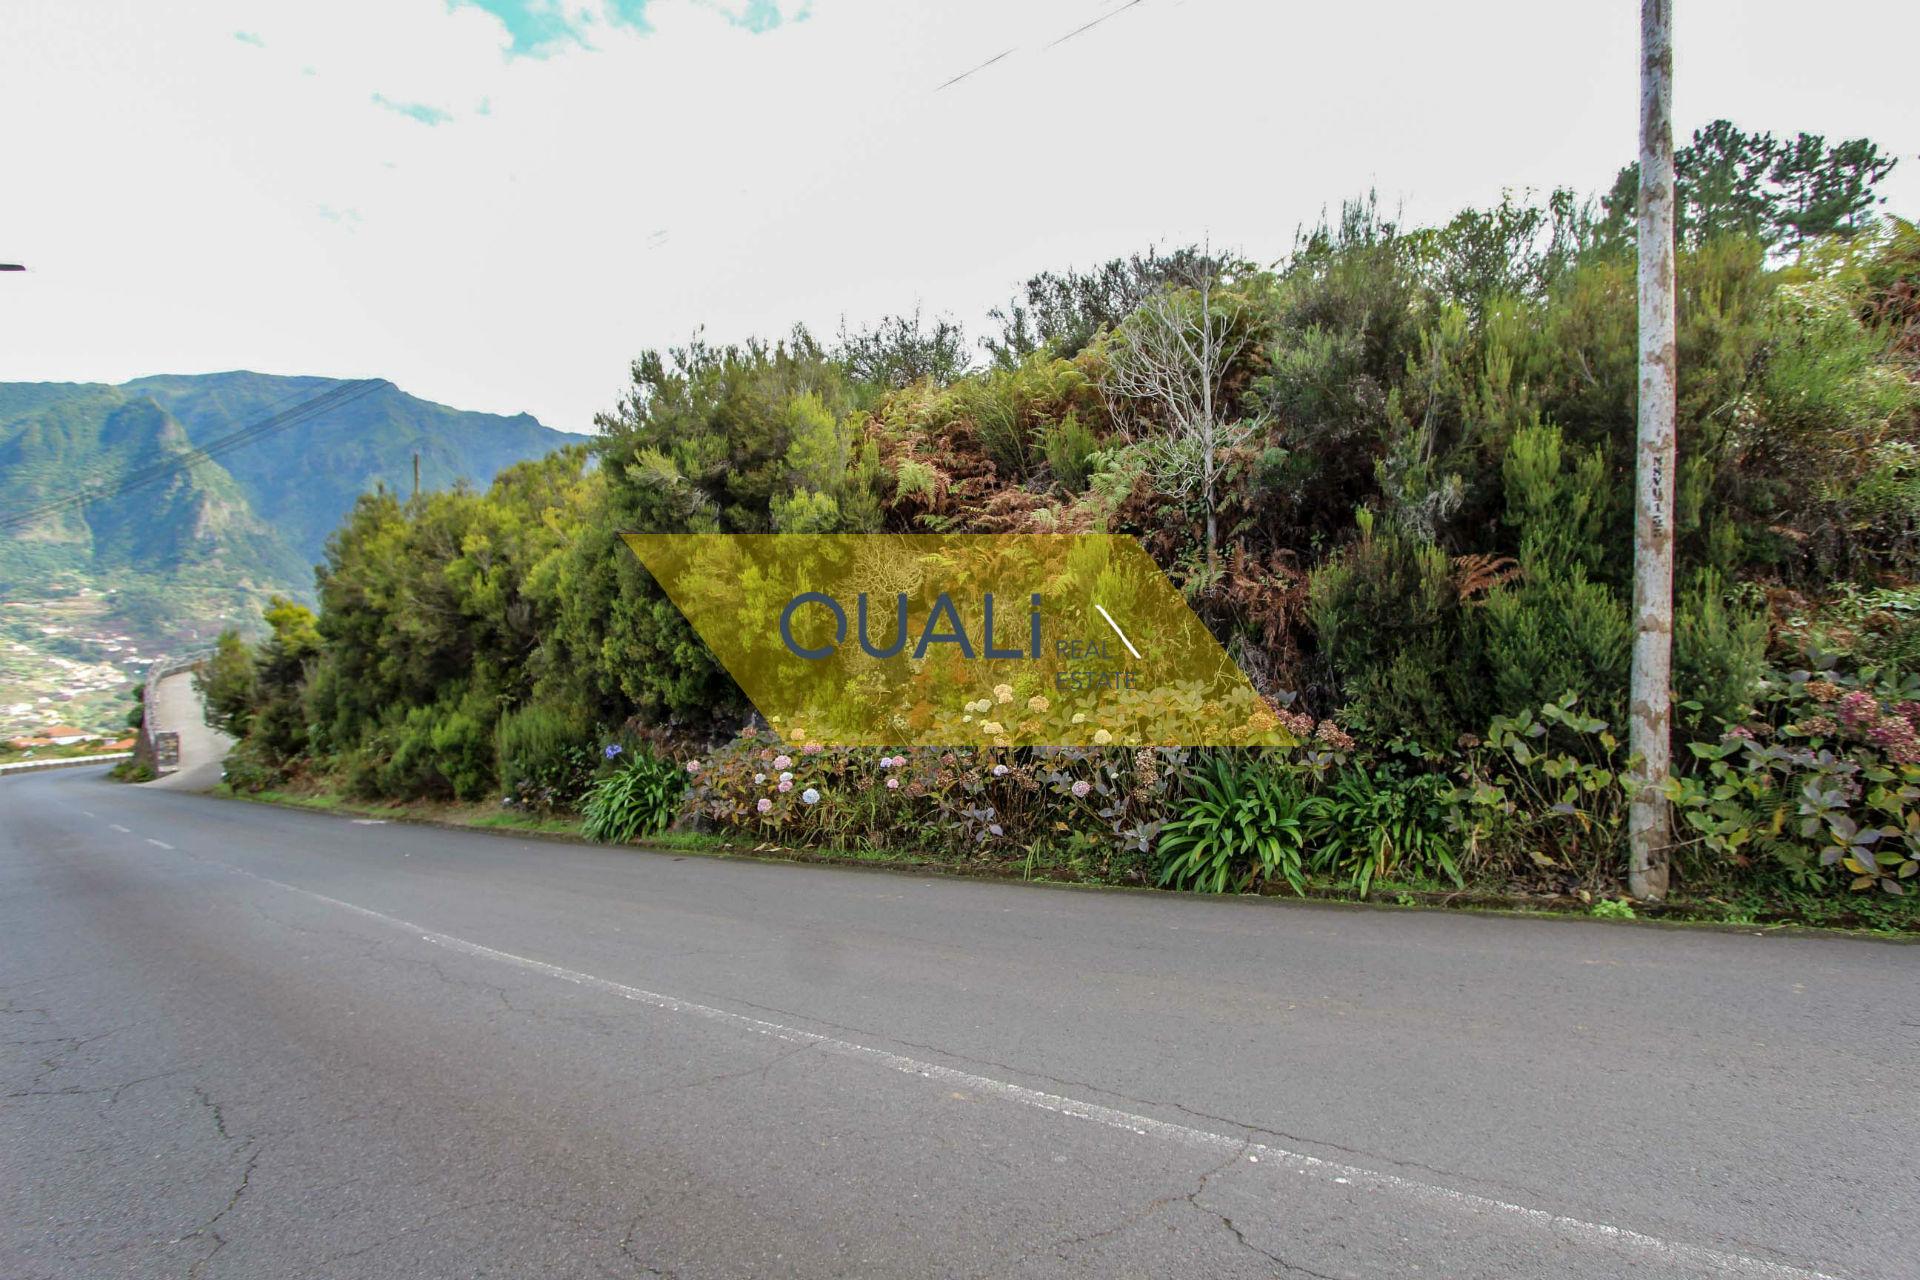 terreno a São Vicente - Isola di Madeira - € 80.000,00